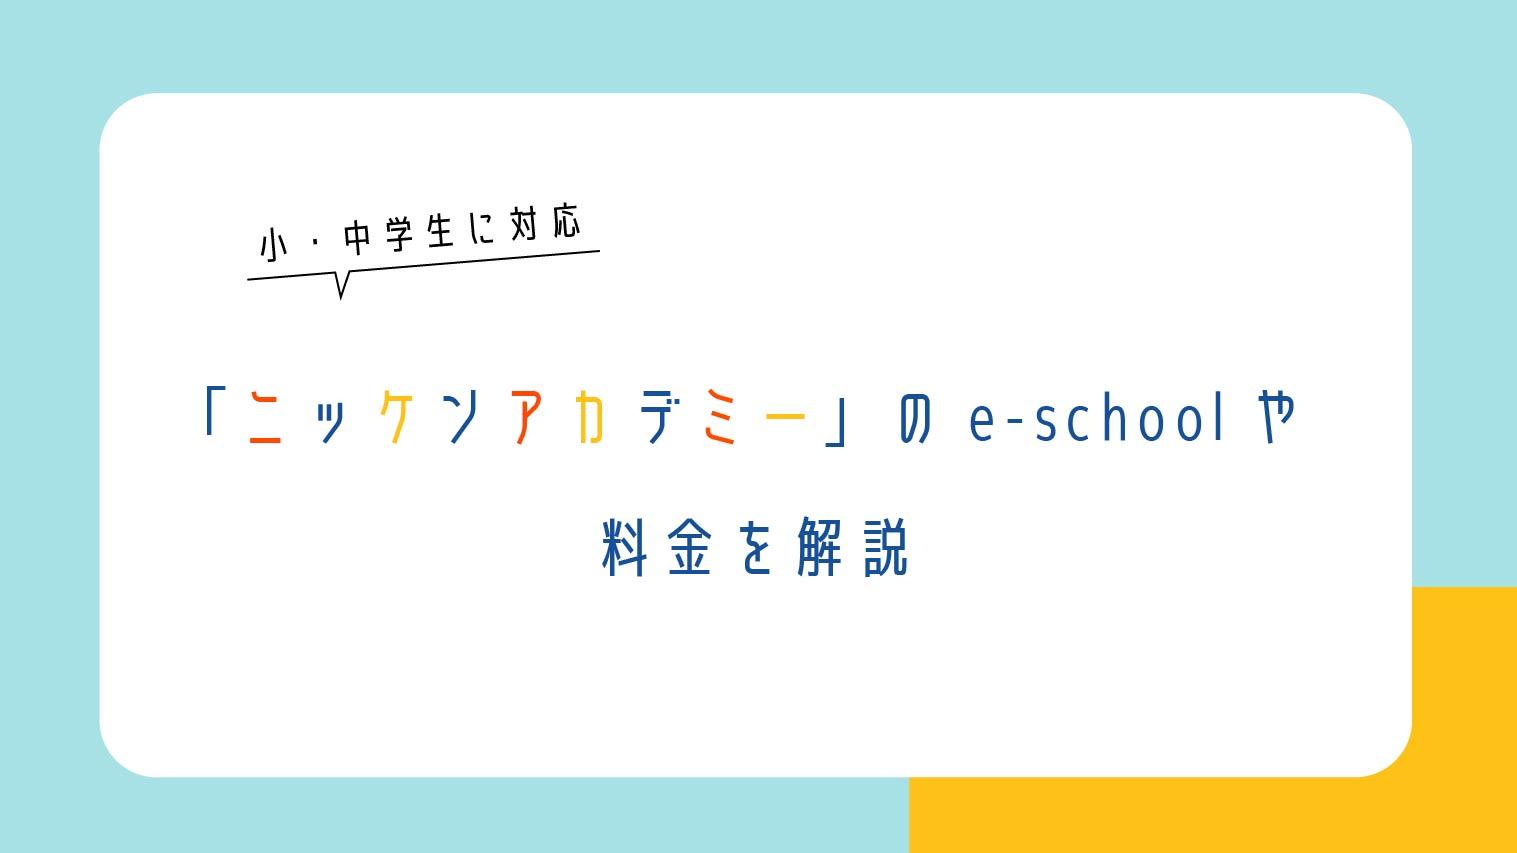 小・中学生に対応「ニッケンアカデミー」のe-schoolや料金を解説